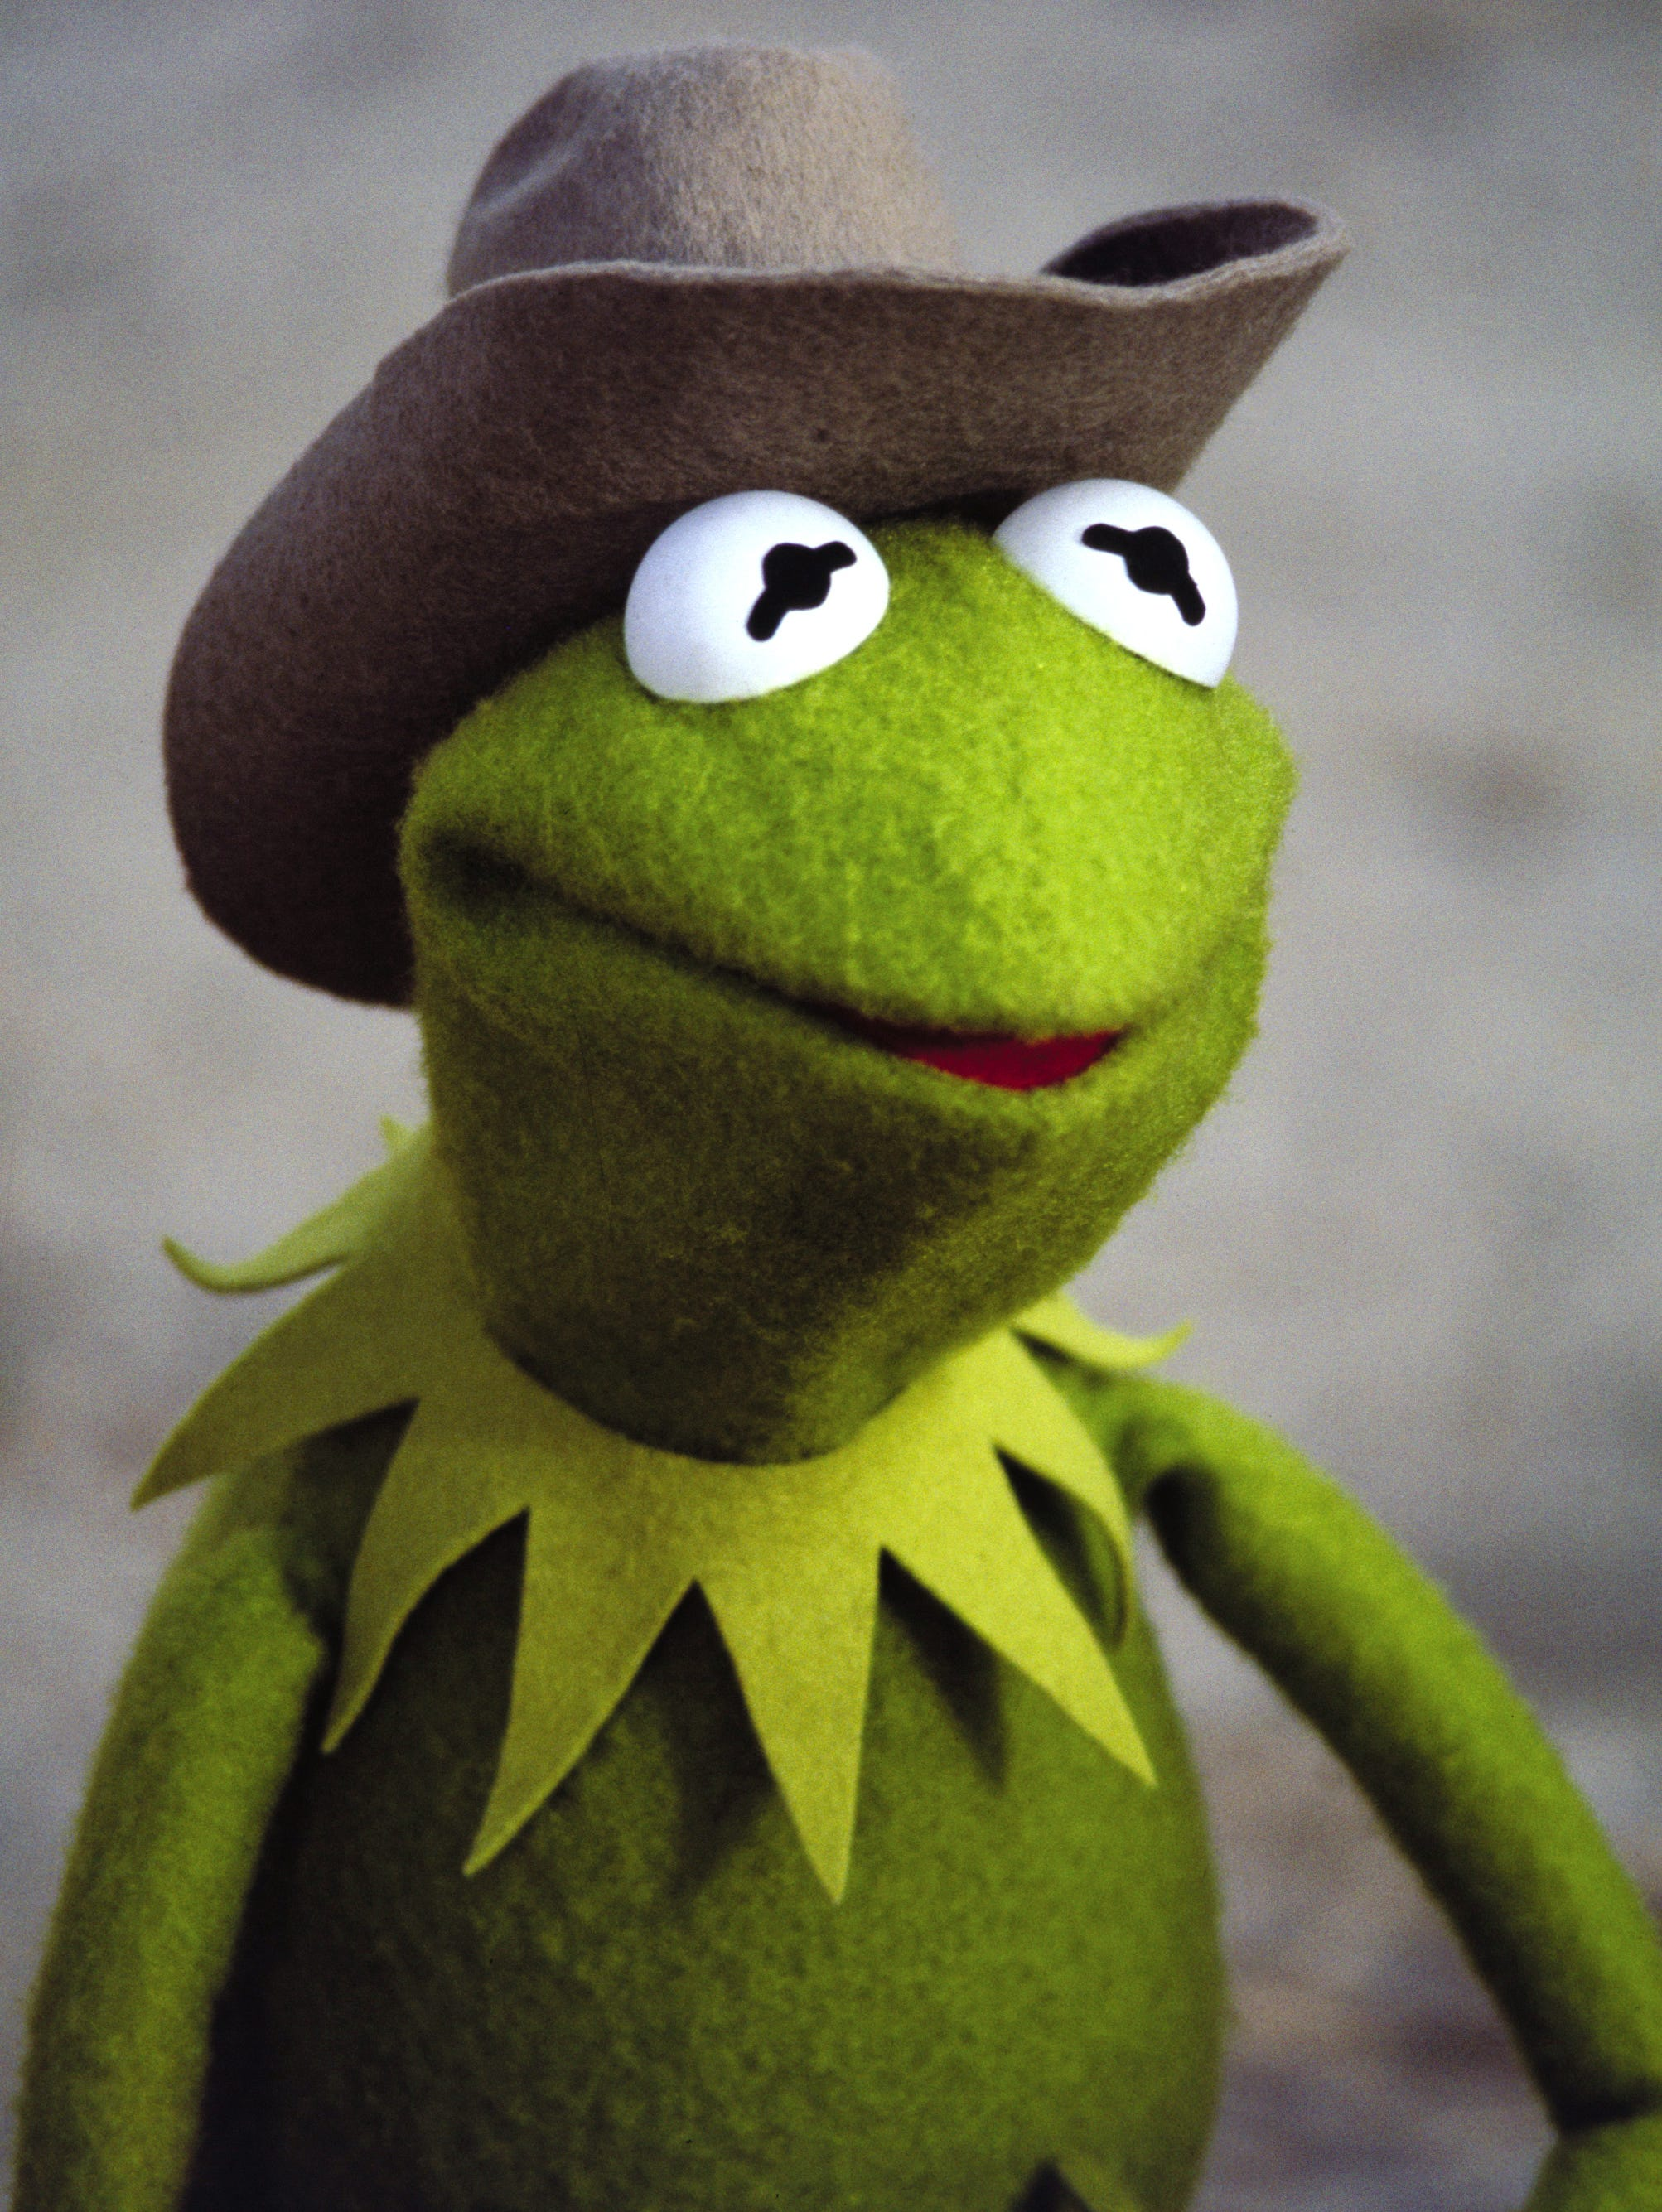 Xbox 1080x1080 Gamerpic: Kermit, Fozzie Entertain In 'Muppet Movie' Camera Test